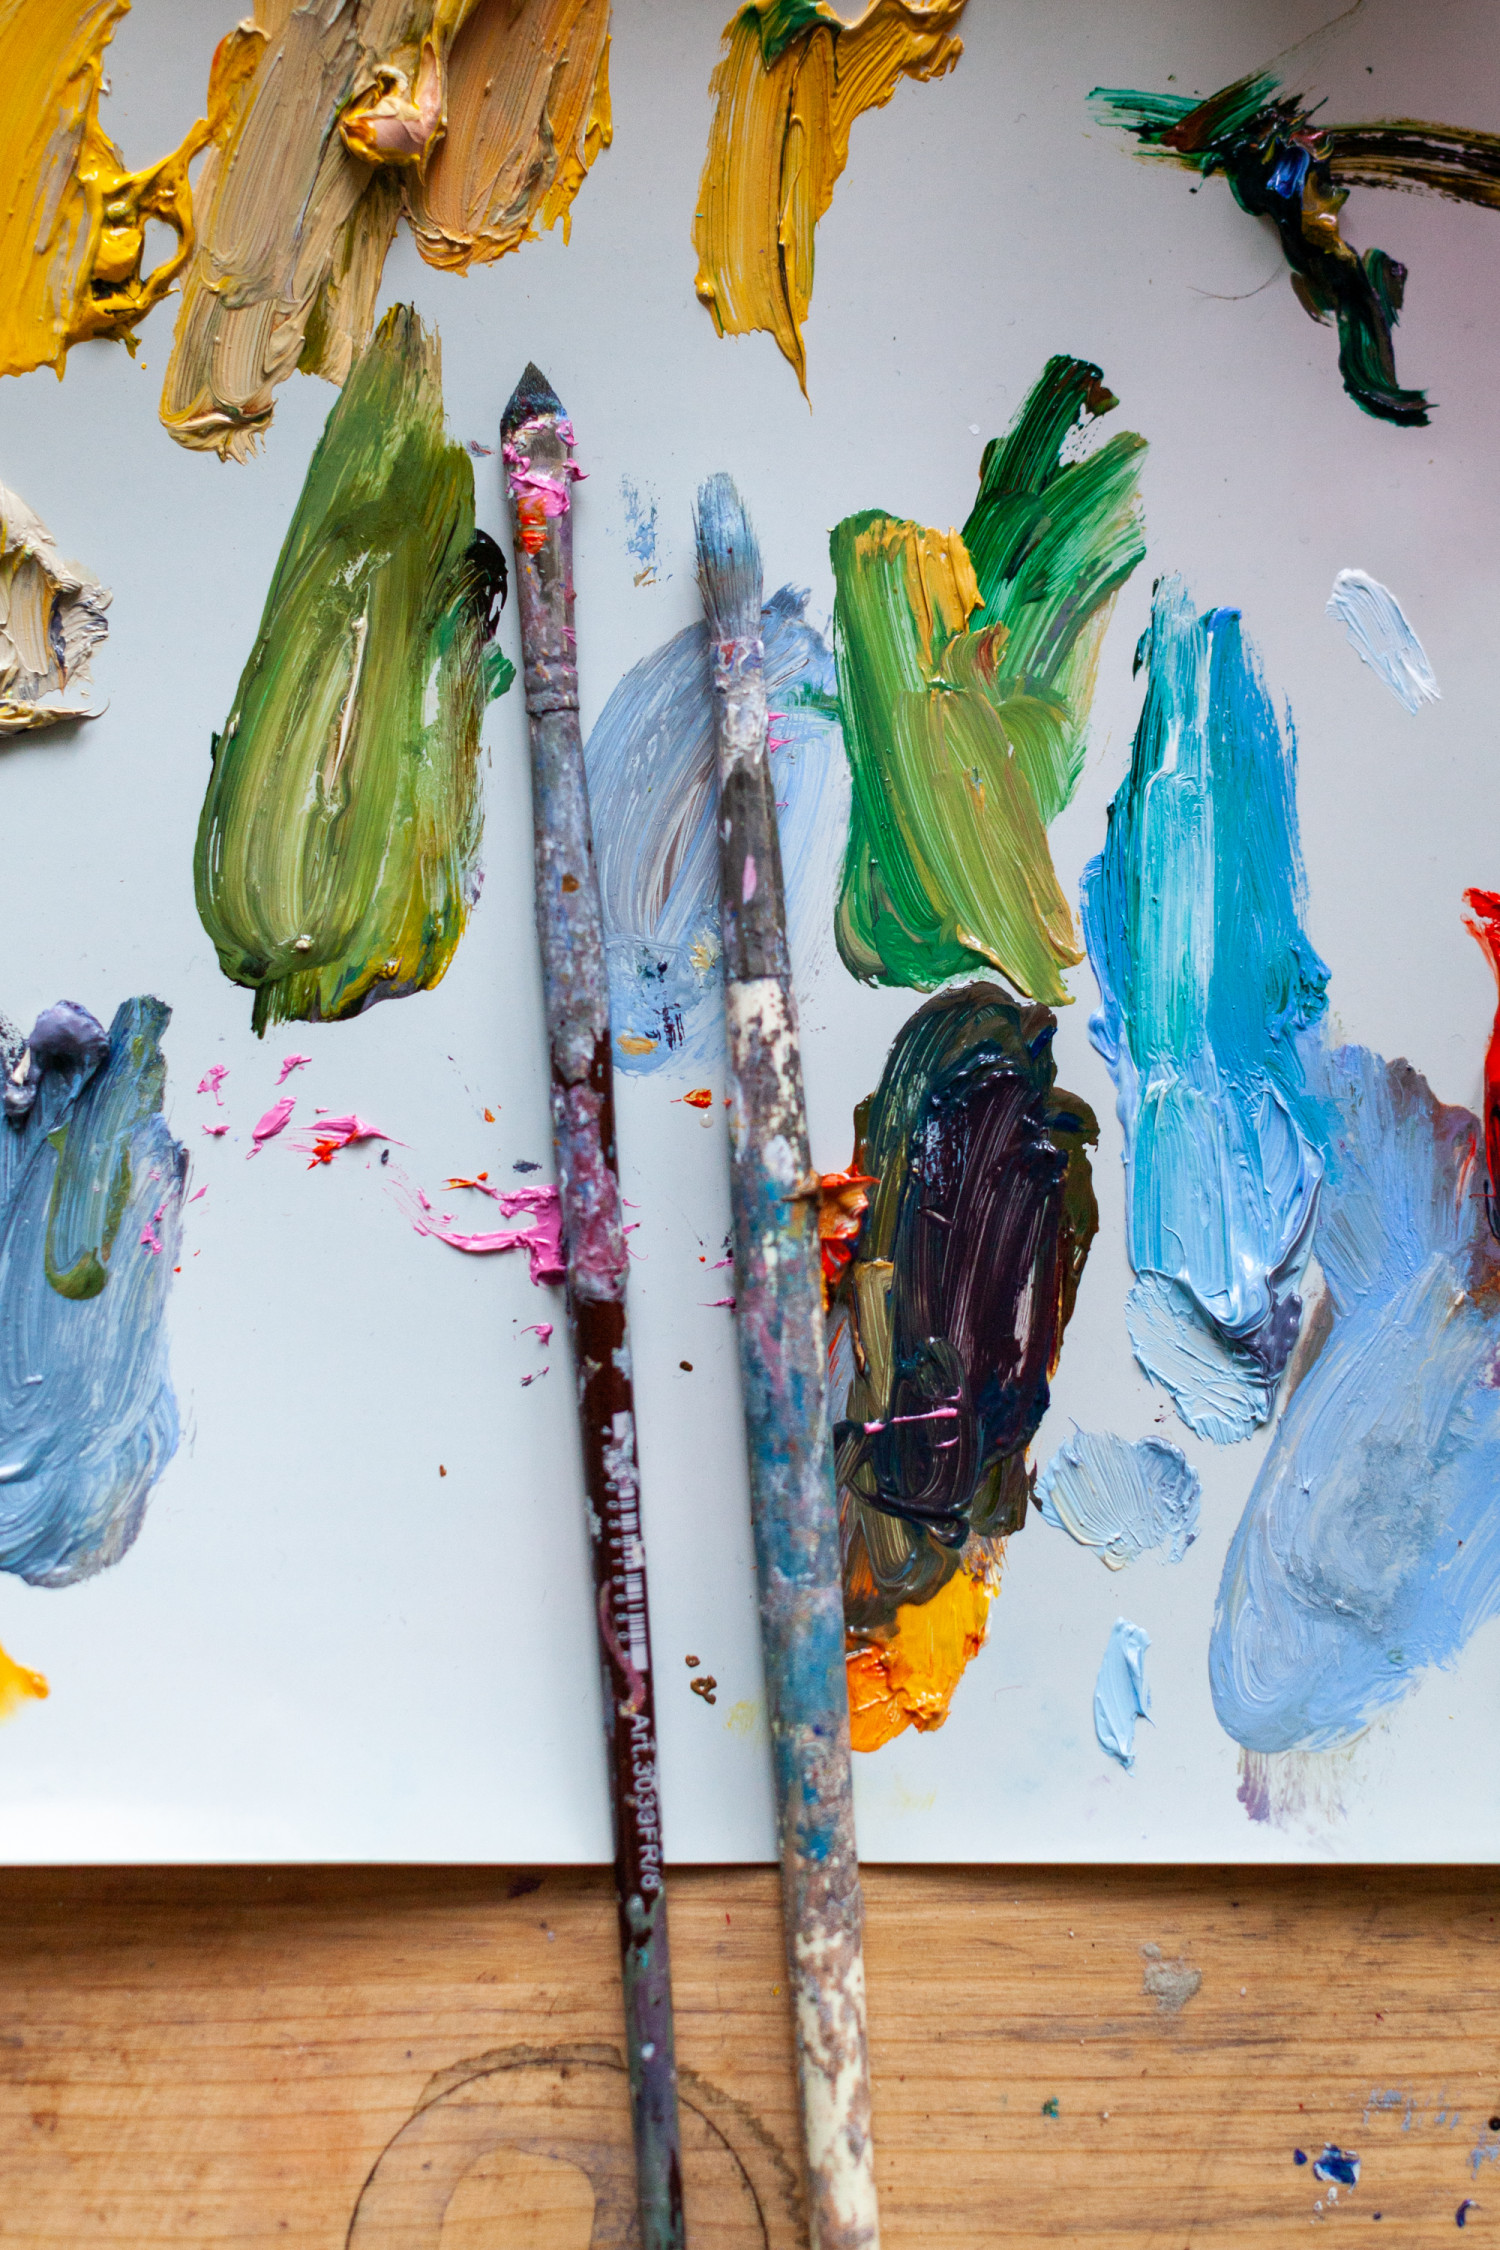 В перерывах между исканиями скульптурных объемов  перехожу к холстам и краскам. У меня большая тяга к цвету.